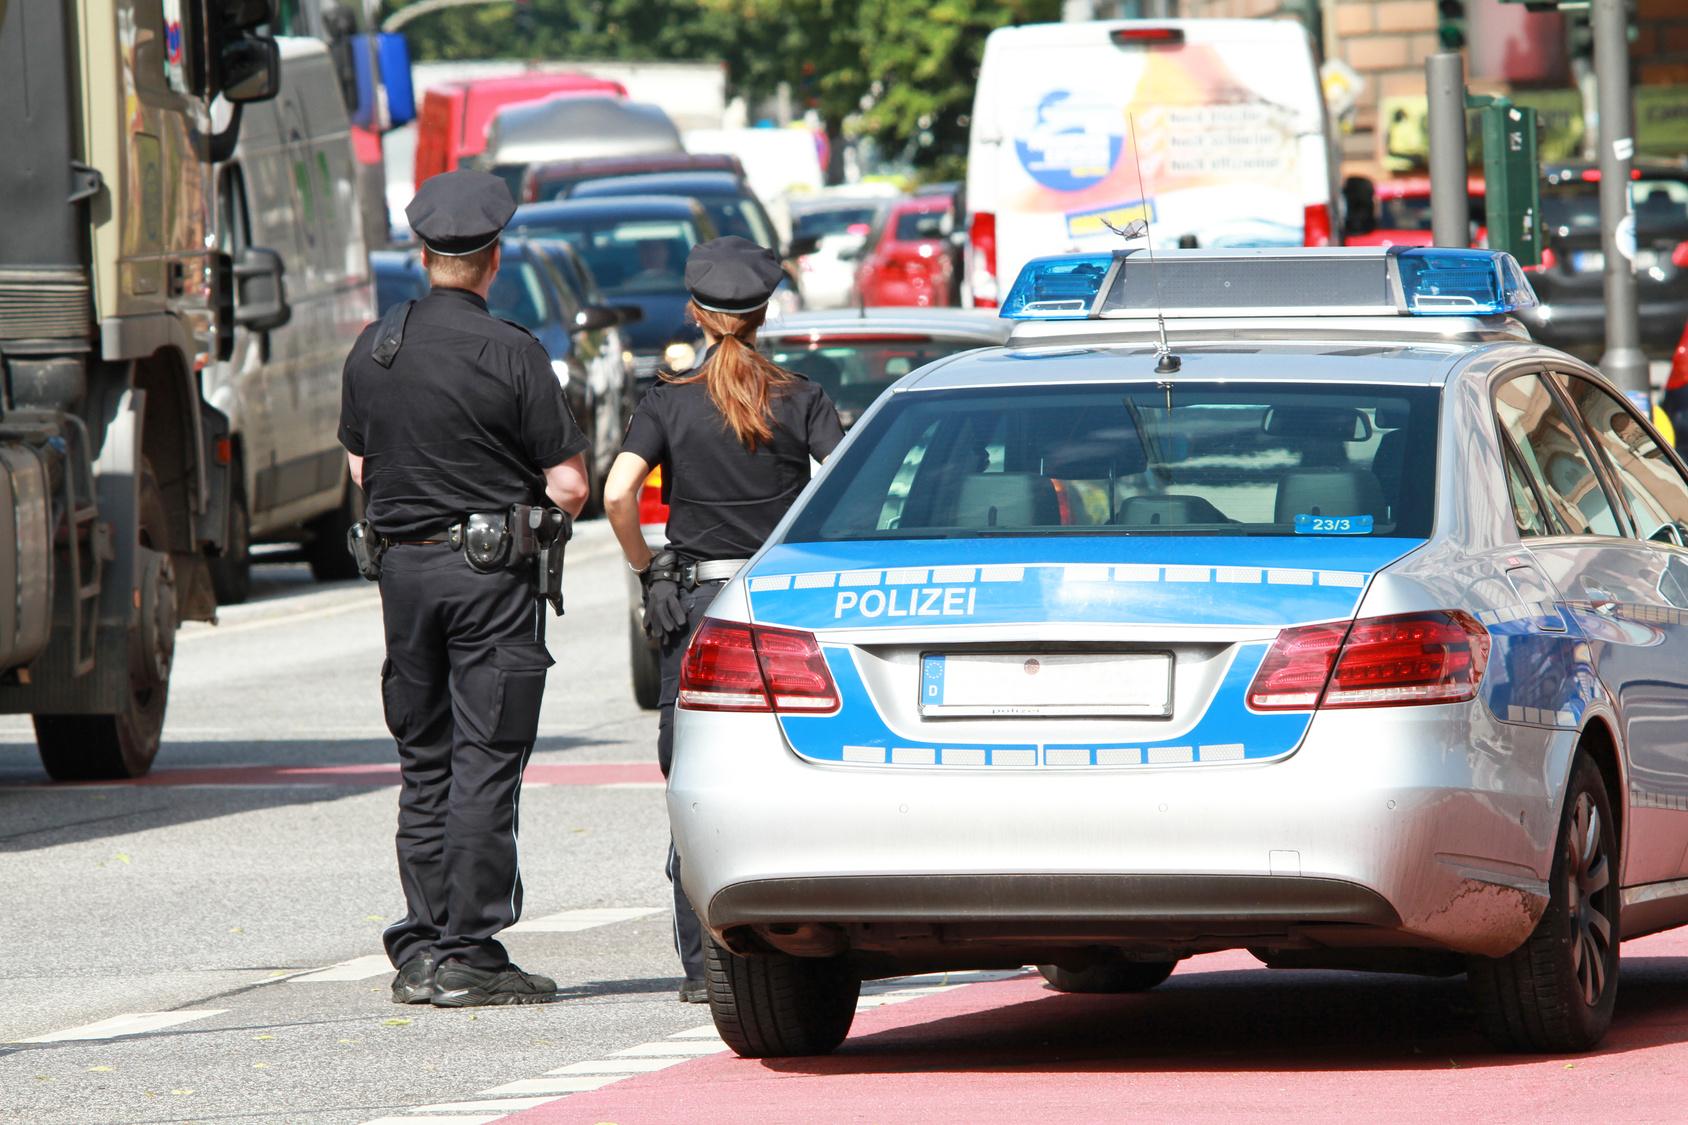 Irrer schießt mit Schrotflinte auf seine Freundin und fährt mit Waffe durch Hamburg